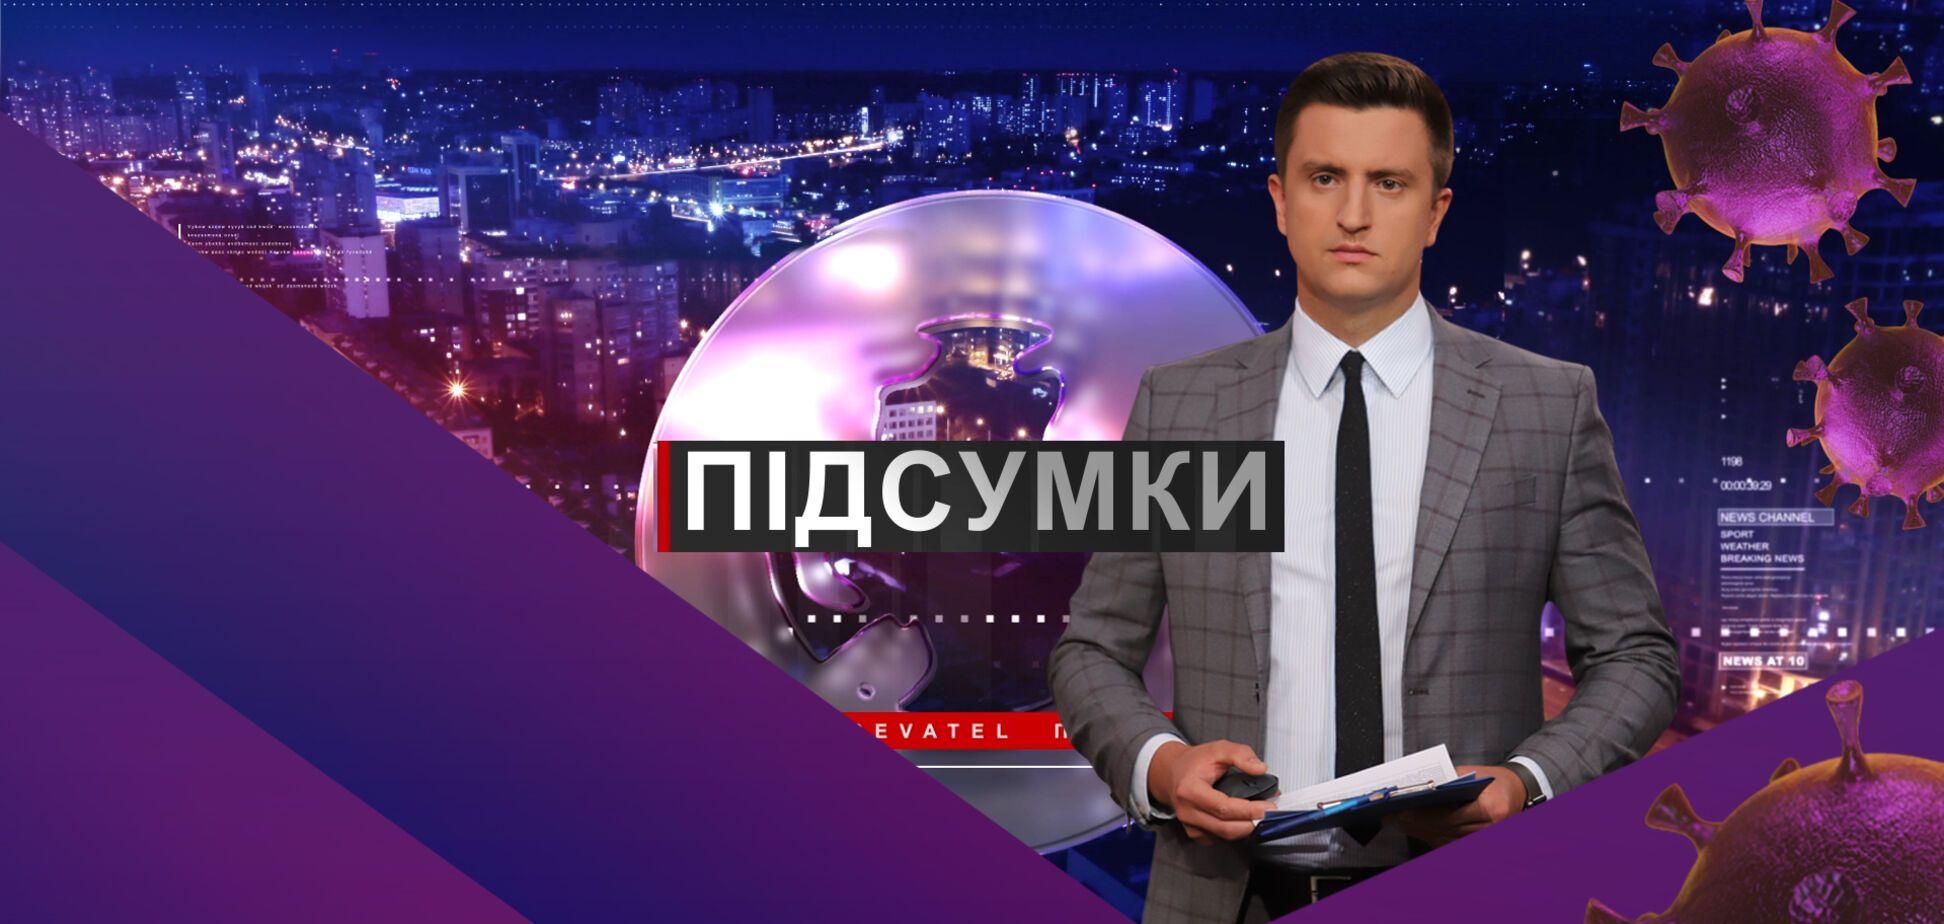 Похолодання в Україні. Підсумки дня. Вівторок, 26 травня